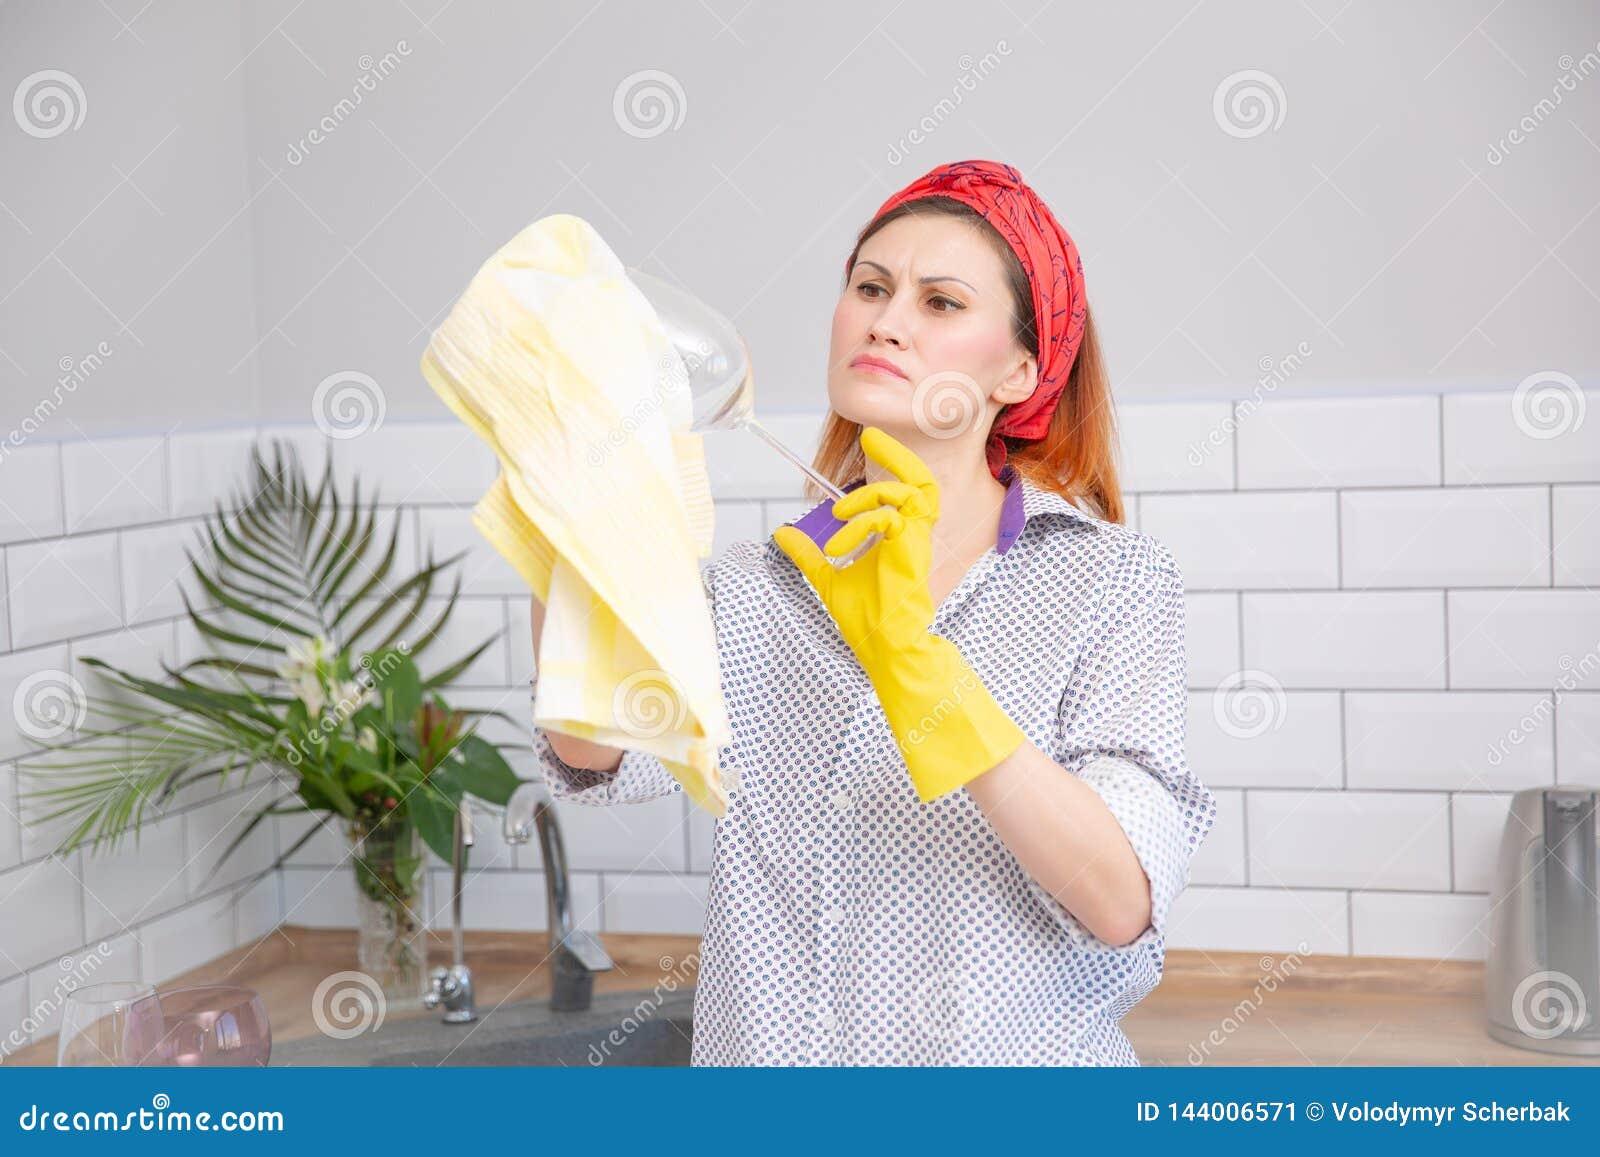 Σκουπίζοντας γυαλί γυναικών με την πετσέτα στην κουζίνα